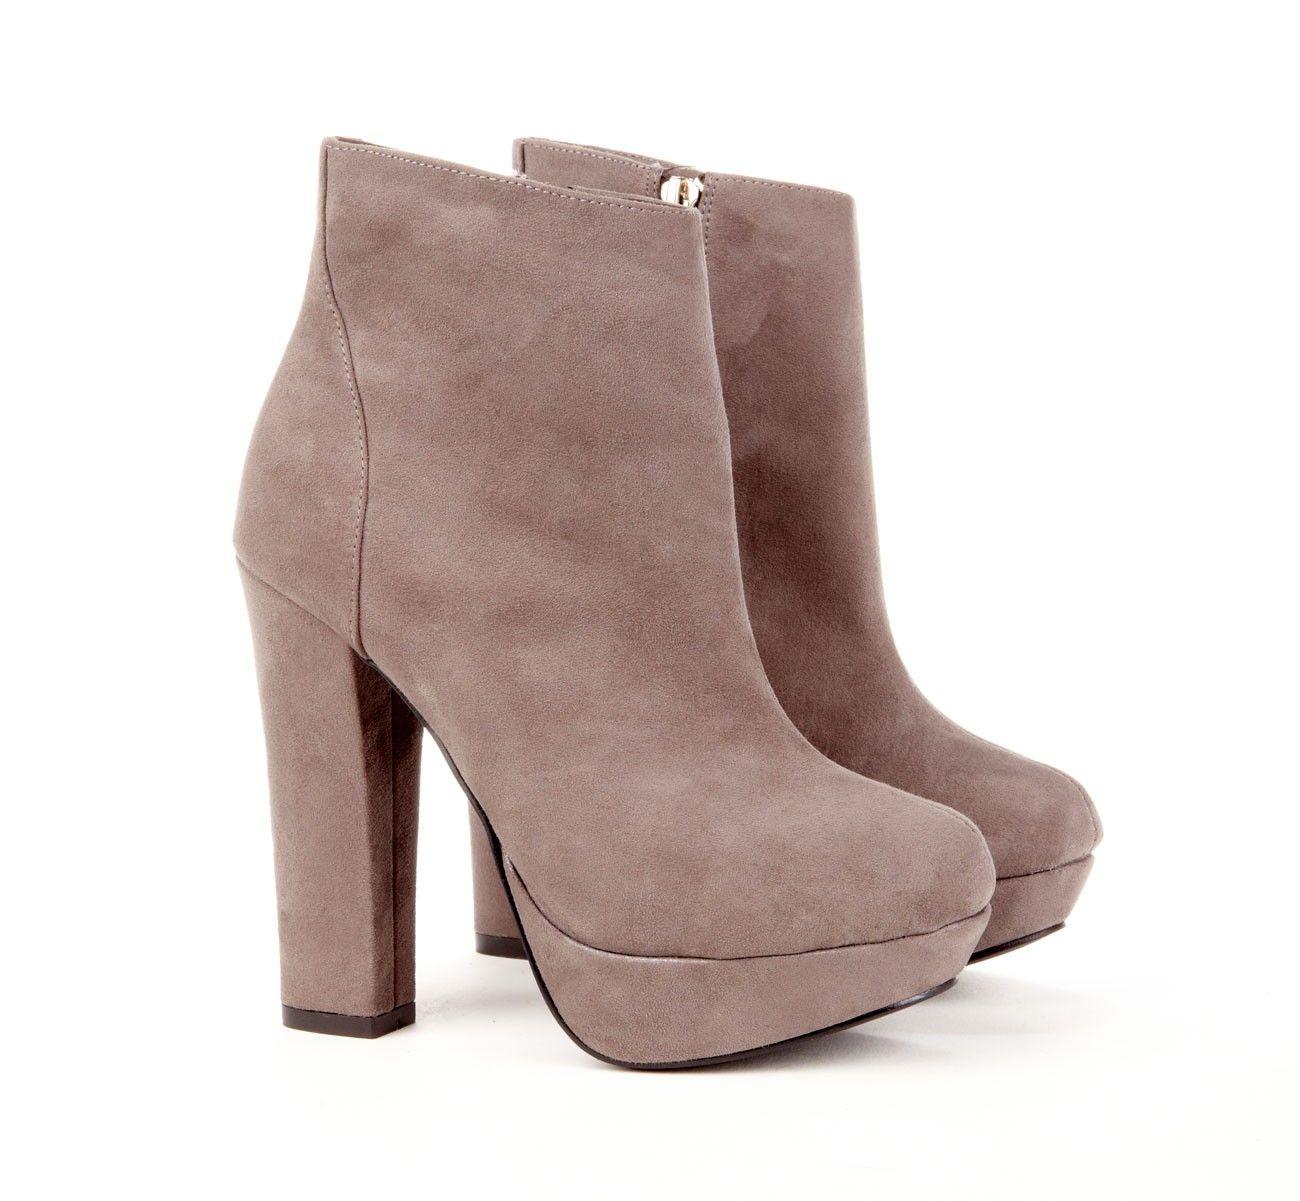 Platform ankle boot